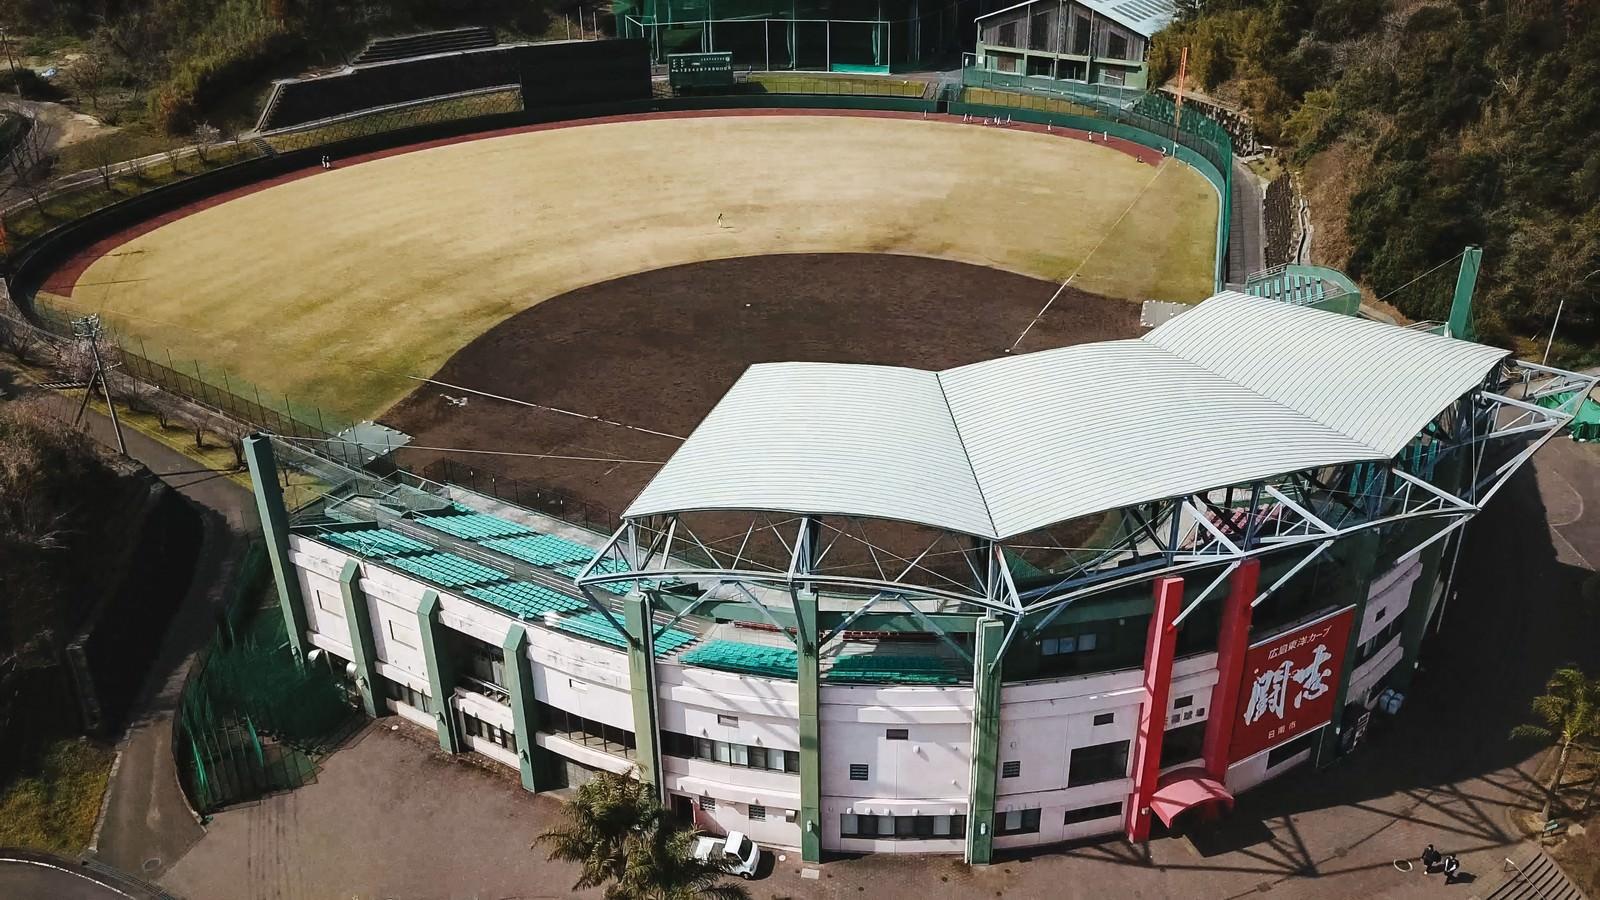 「広島東洋カープの日南キャンプ地、天福球場の様子」の写真